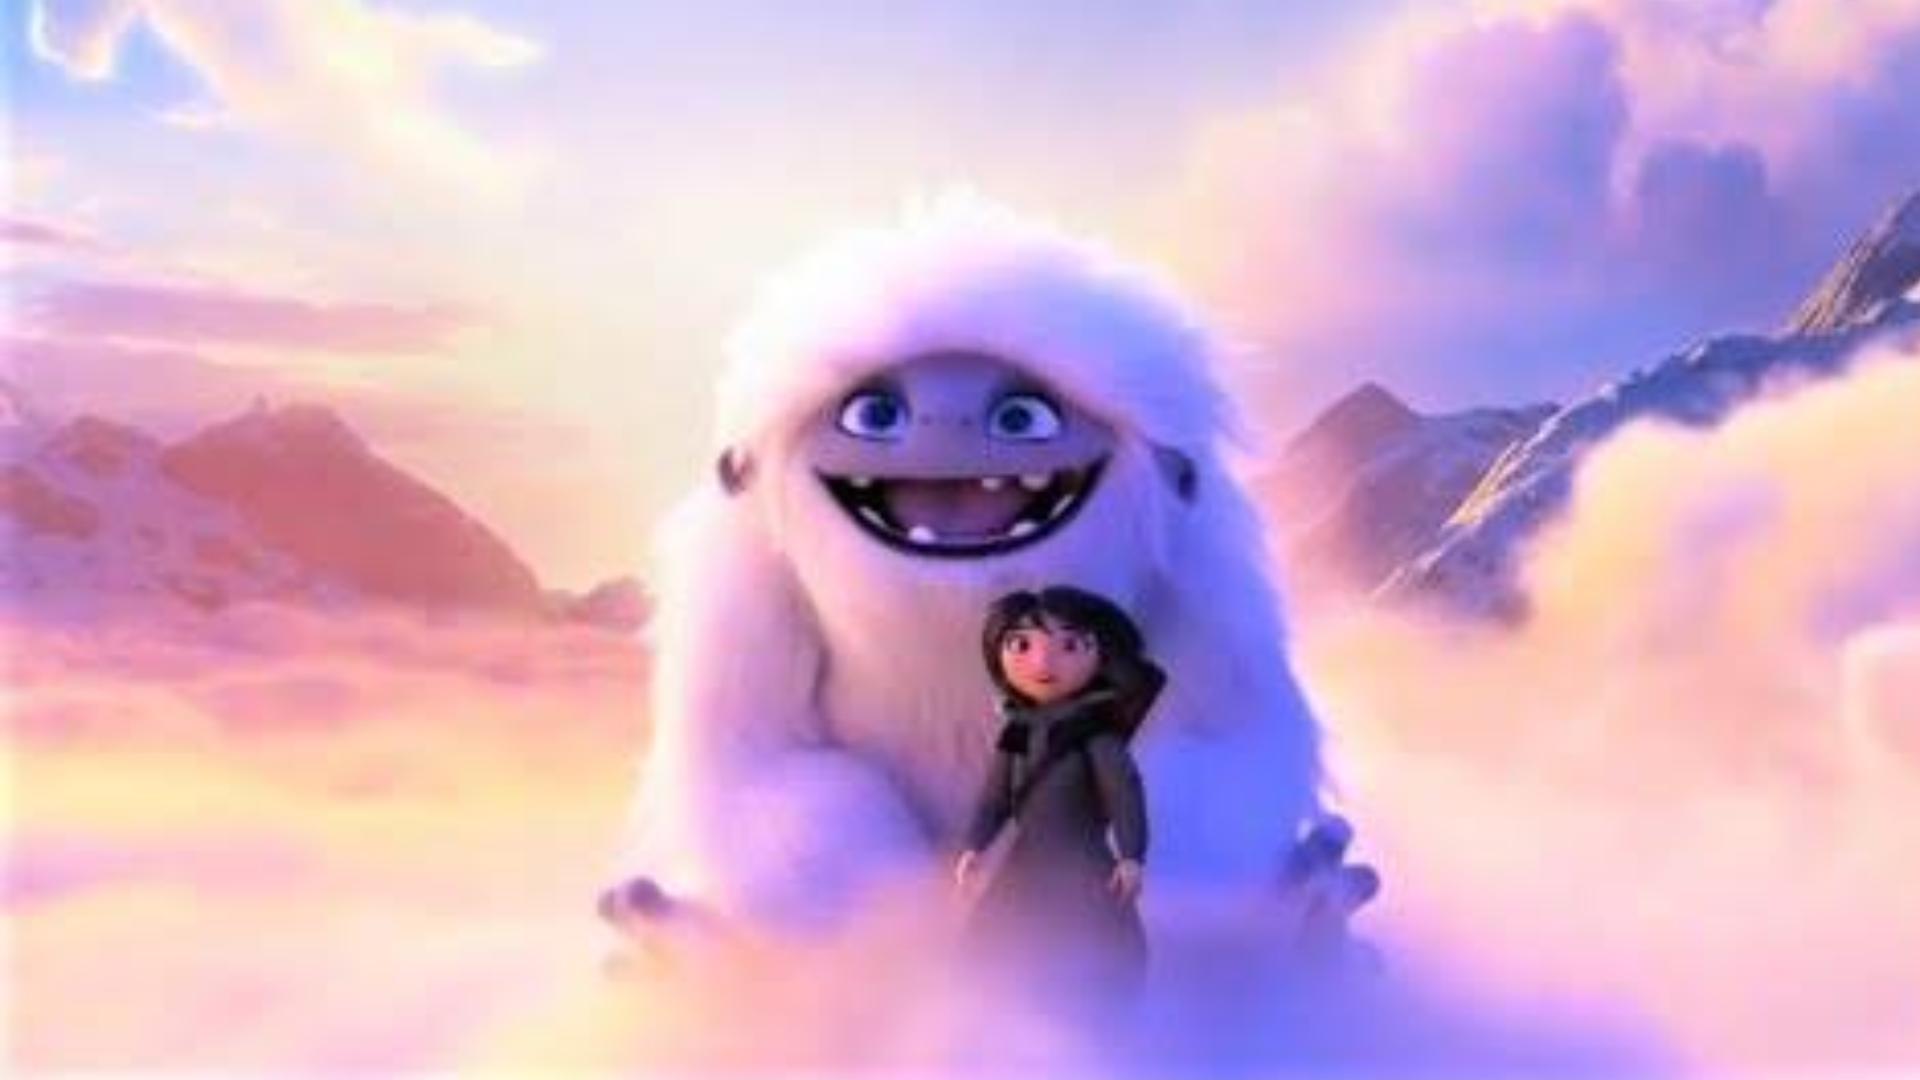 【冷门推荐】来介绍一部雪怪把那个吹大带你上天的动画电影《雪人奇缘》